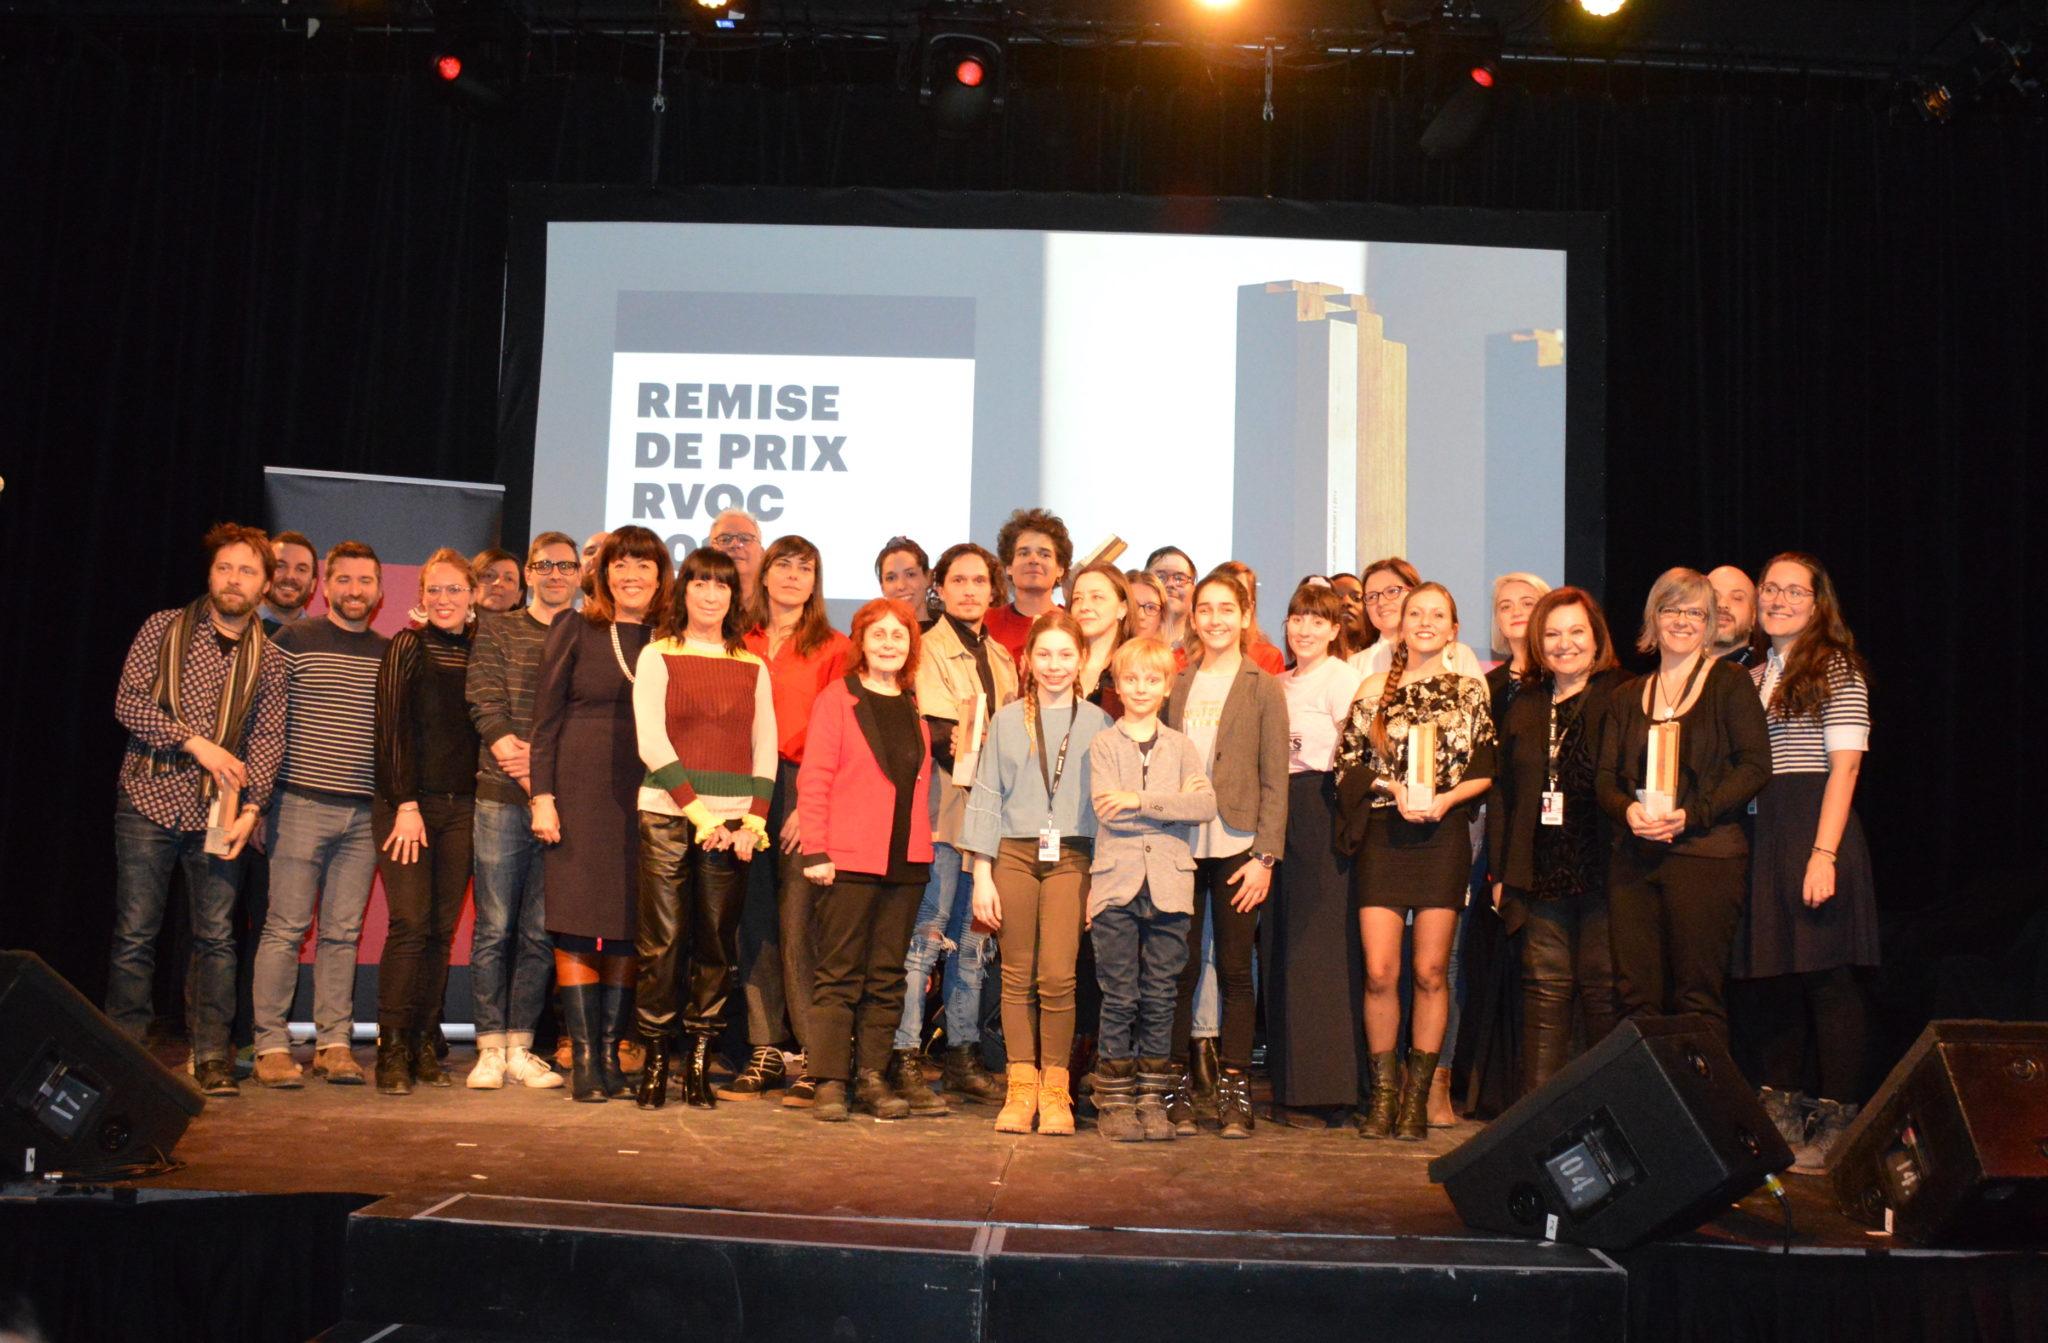 Les lauréats et lauréates des prix RVQC 2019 de la 37e Rendez-vous Québec Cinéma